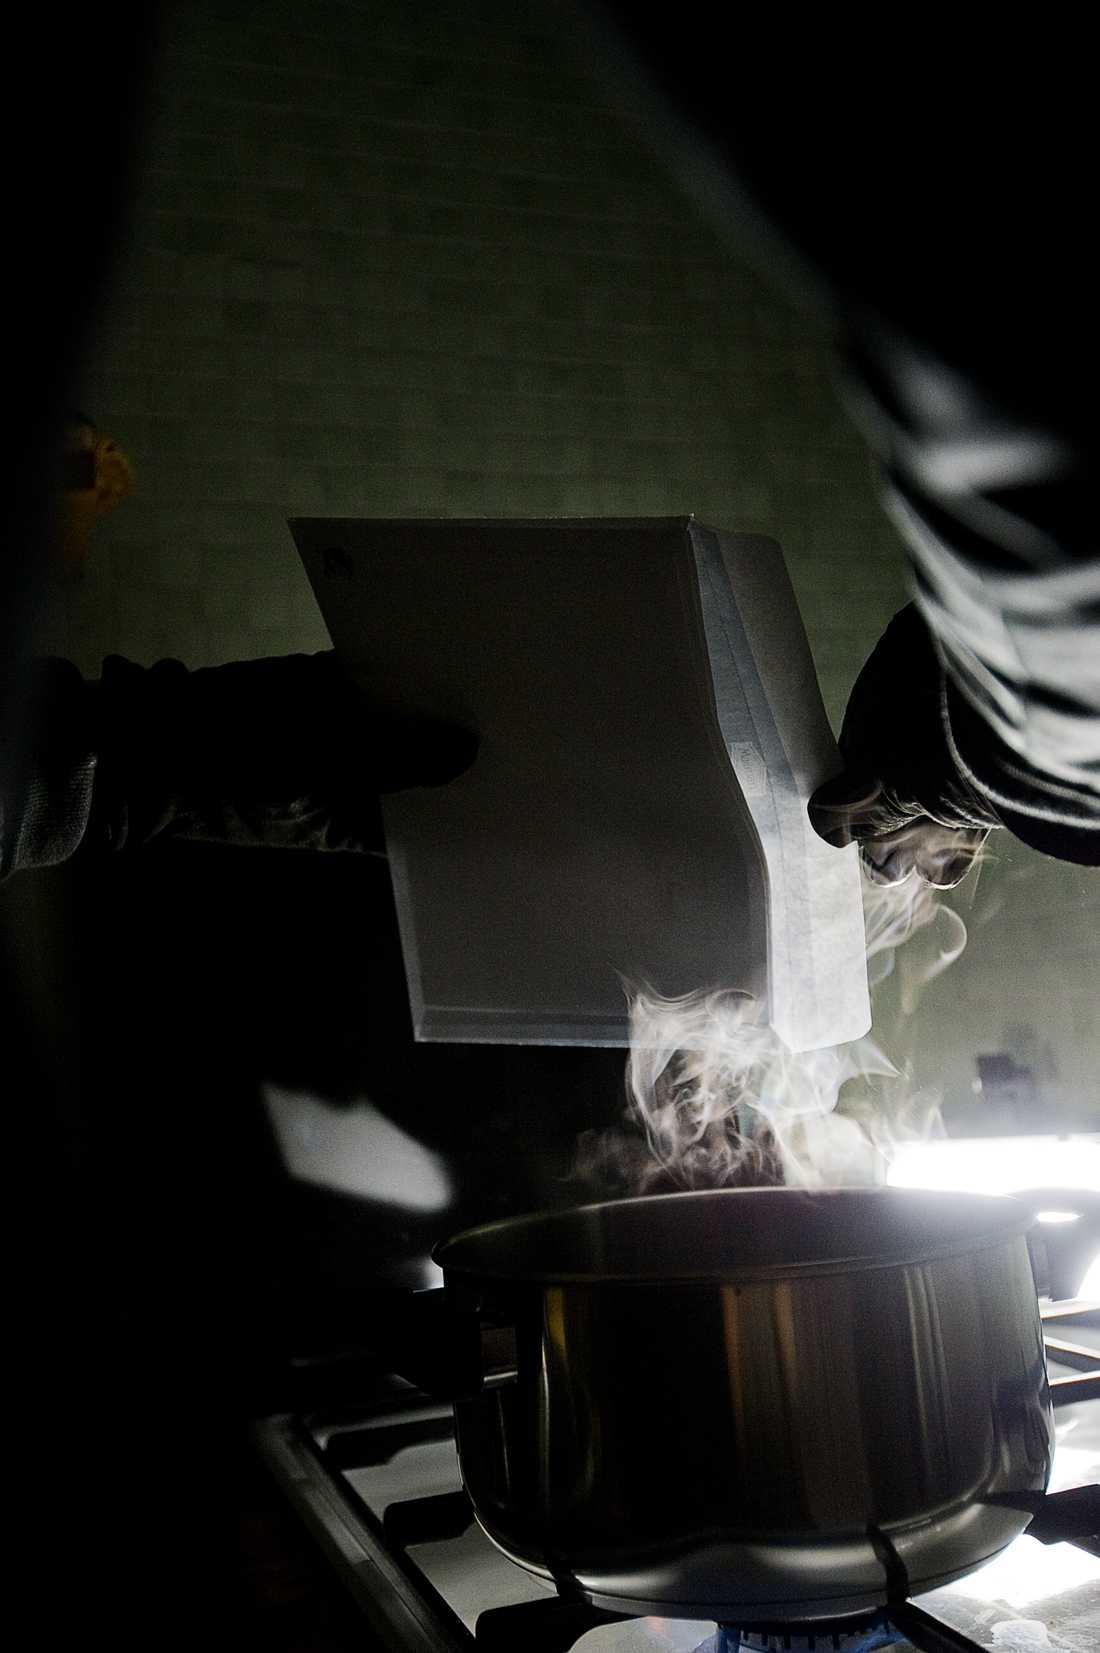 Sen ångar de upp kuverten för att kunna redigera kontouppgifterna. Kuverten lämnas till slut tillbaka i postlådan, innehållandes de falska uppgifterna. (Bilden är arrangerad)